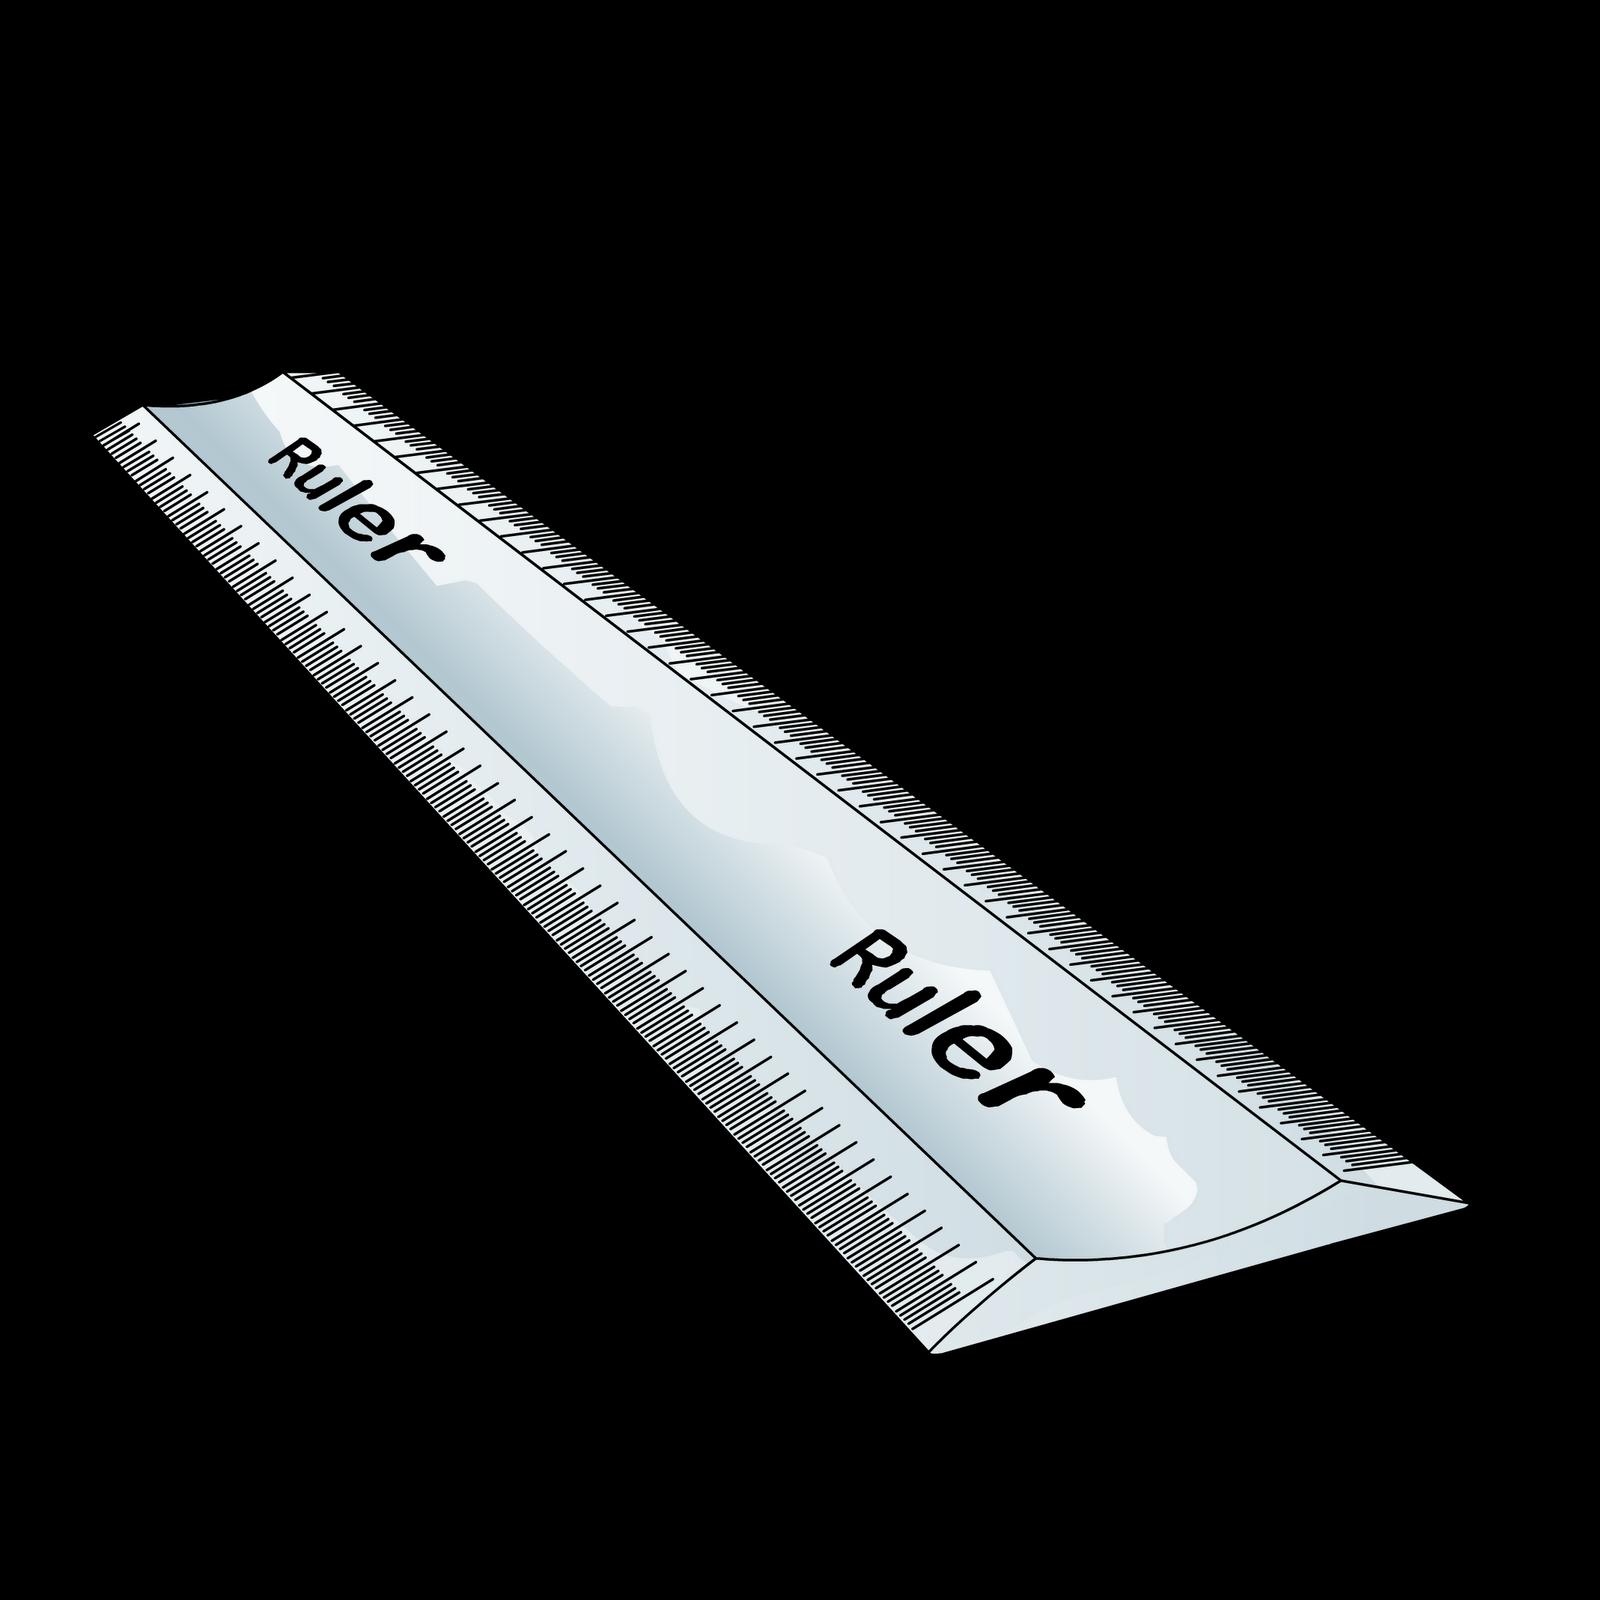 Clipart ruler rular. Narasimha s view may